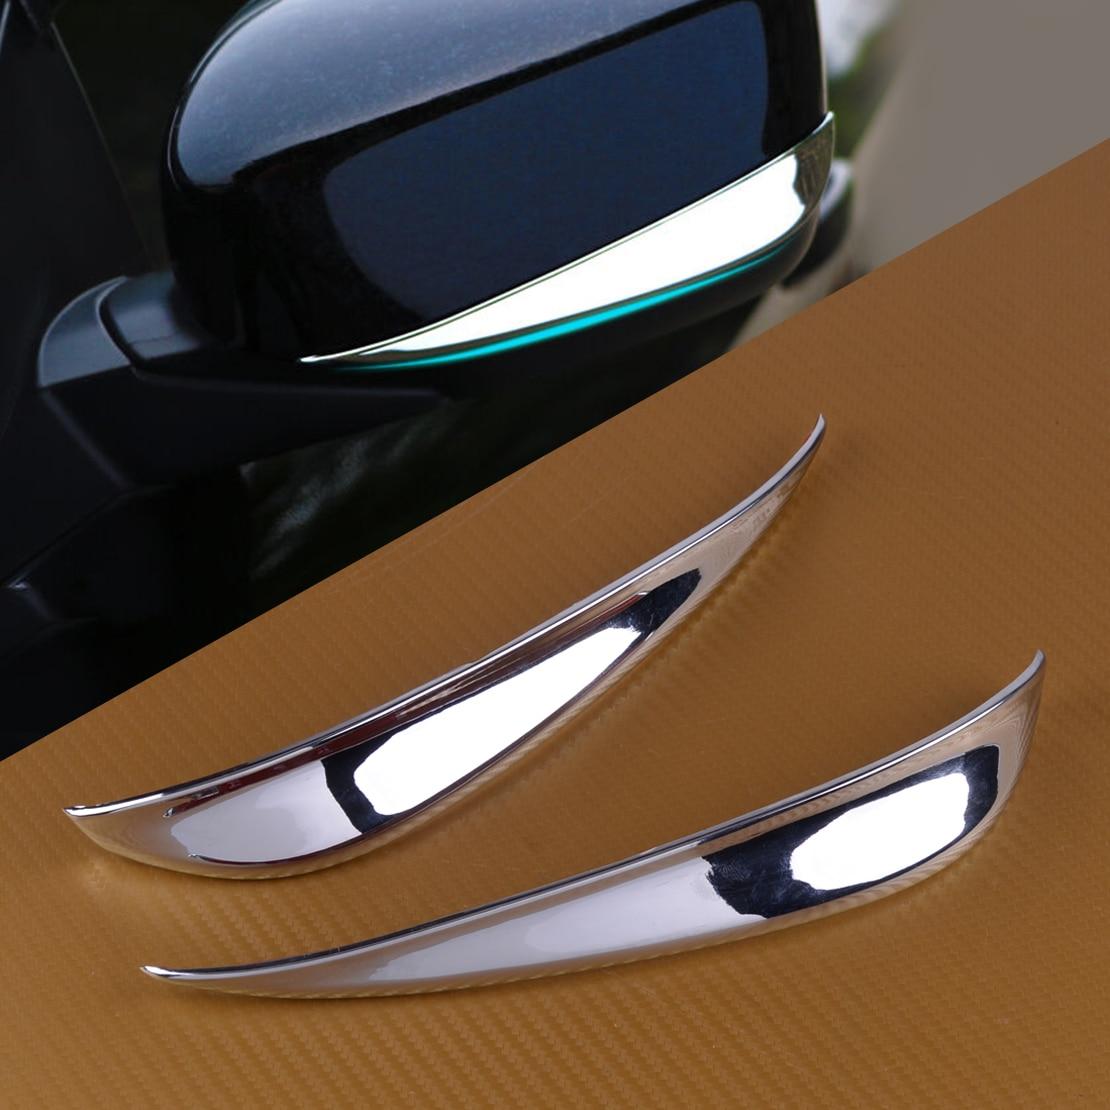 For 2011 2012 2013 2014 2015 2016 2017 Honda Crosstour Chrome Mirror Cover